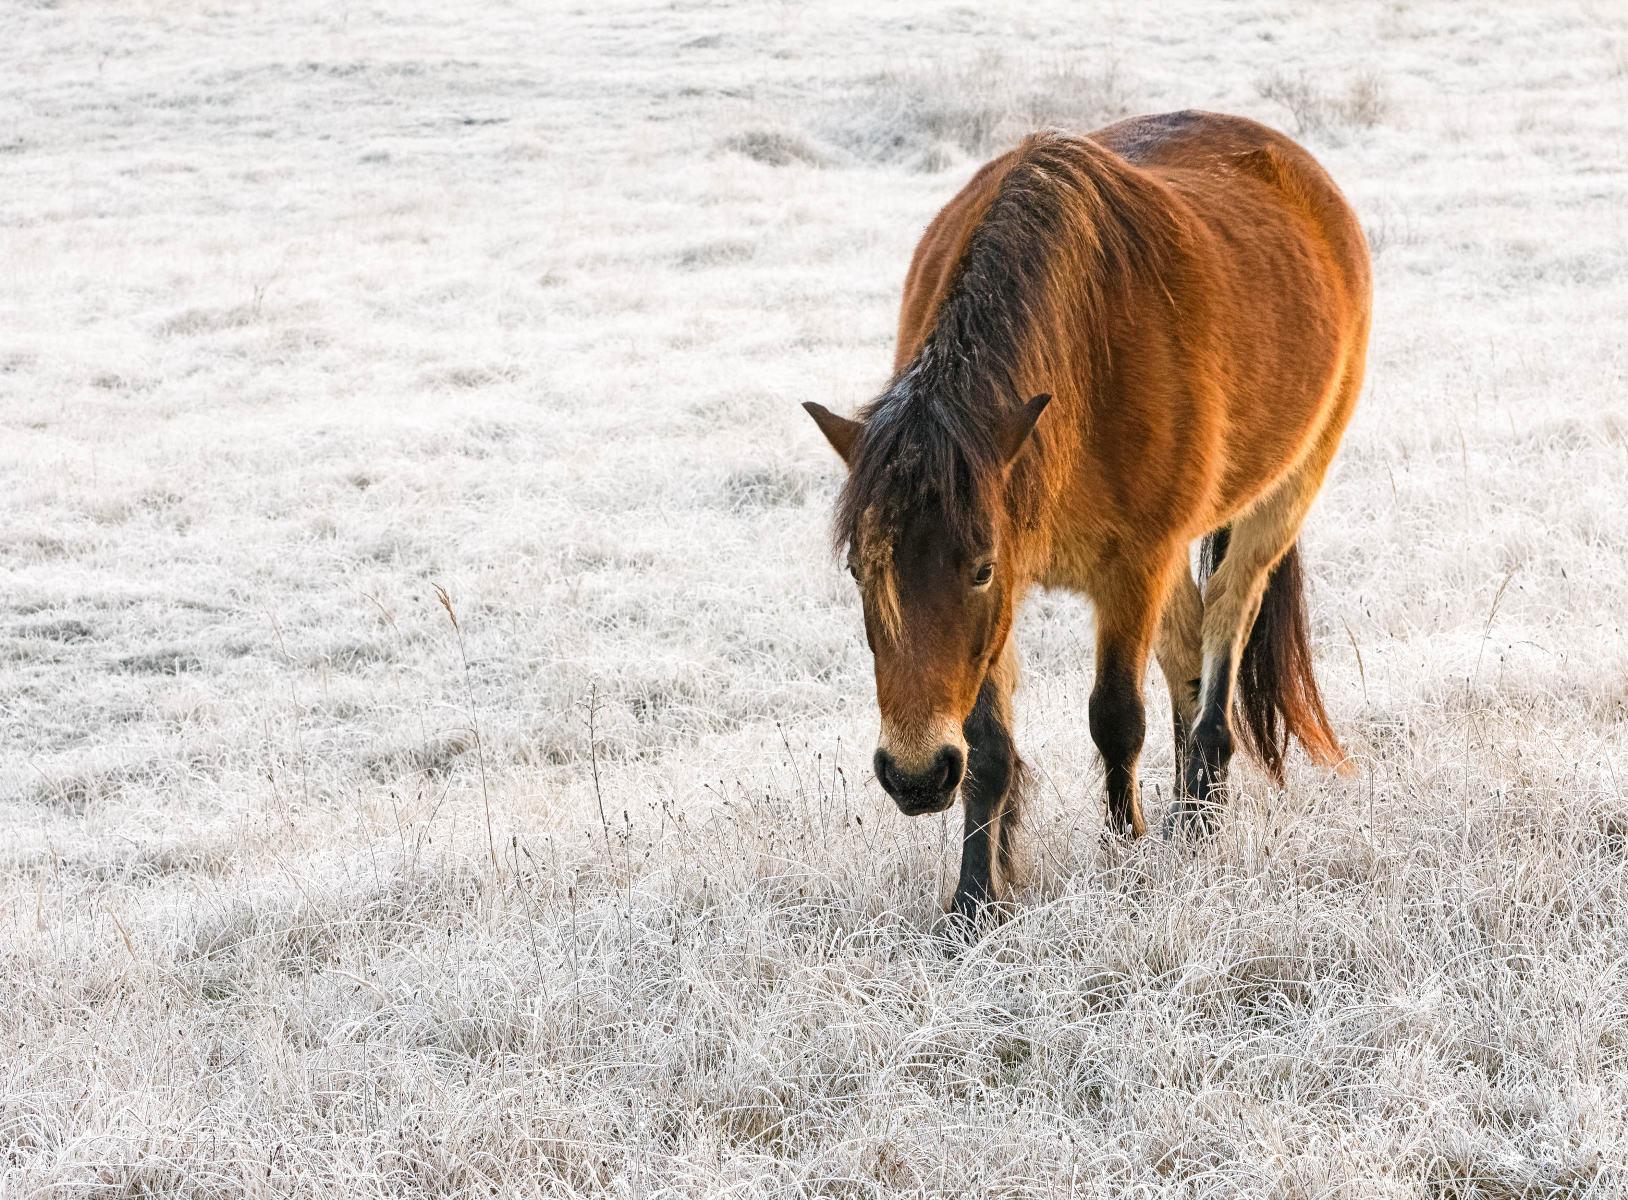 bay horse in frosty field